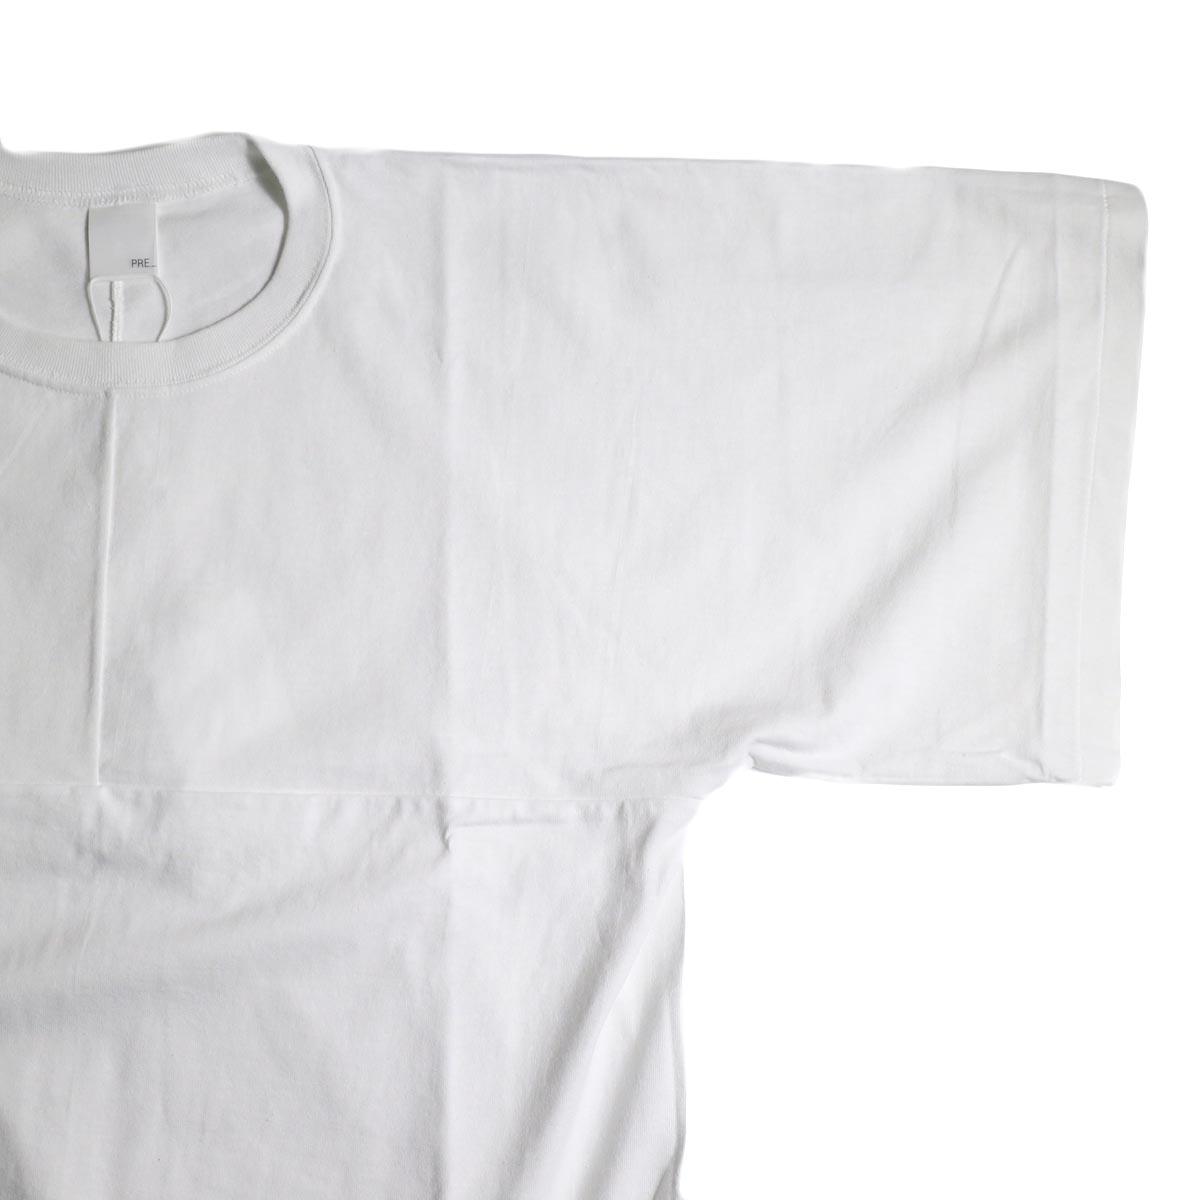 PRE_ / T OF T (White)袖